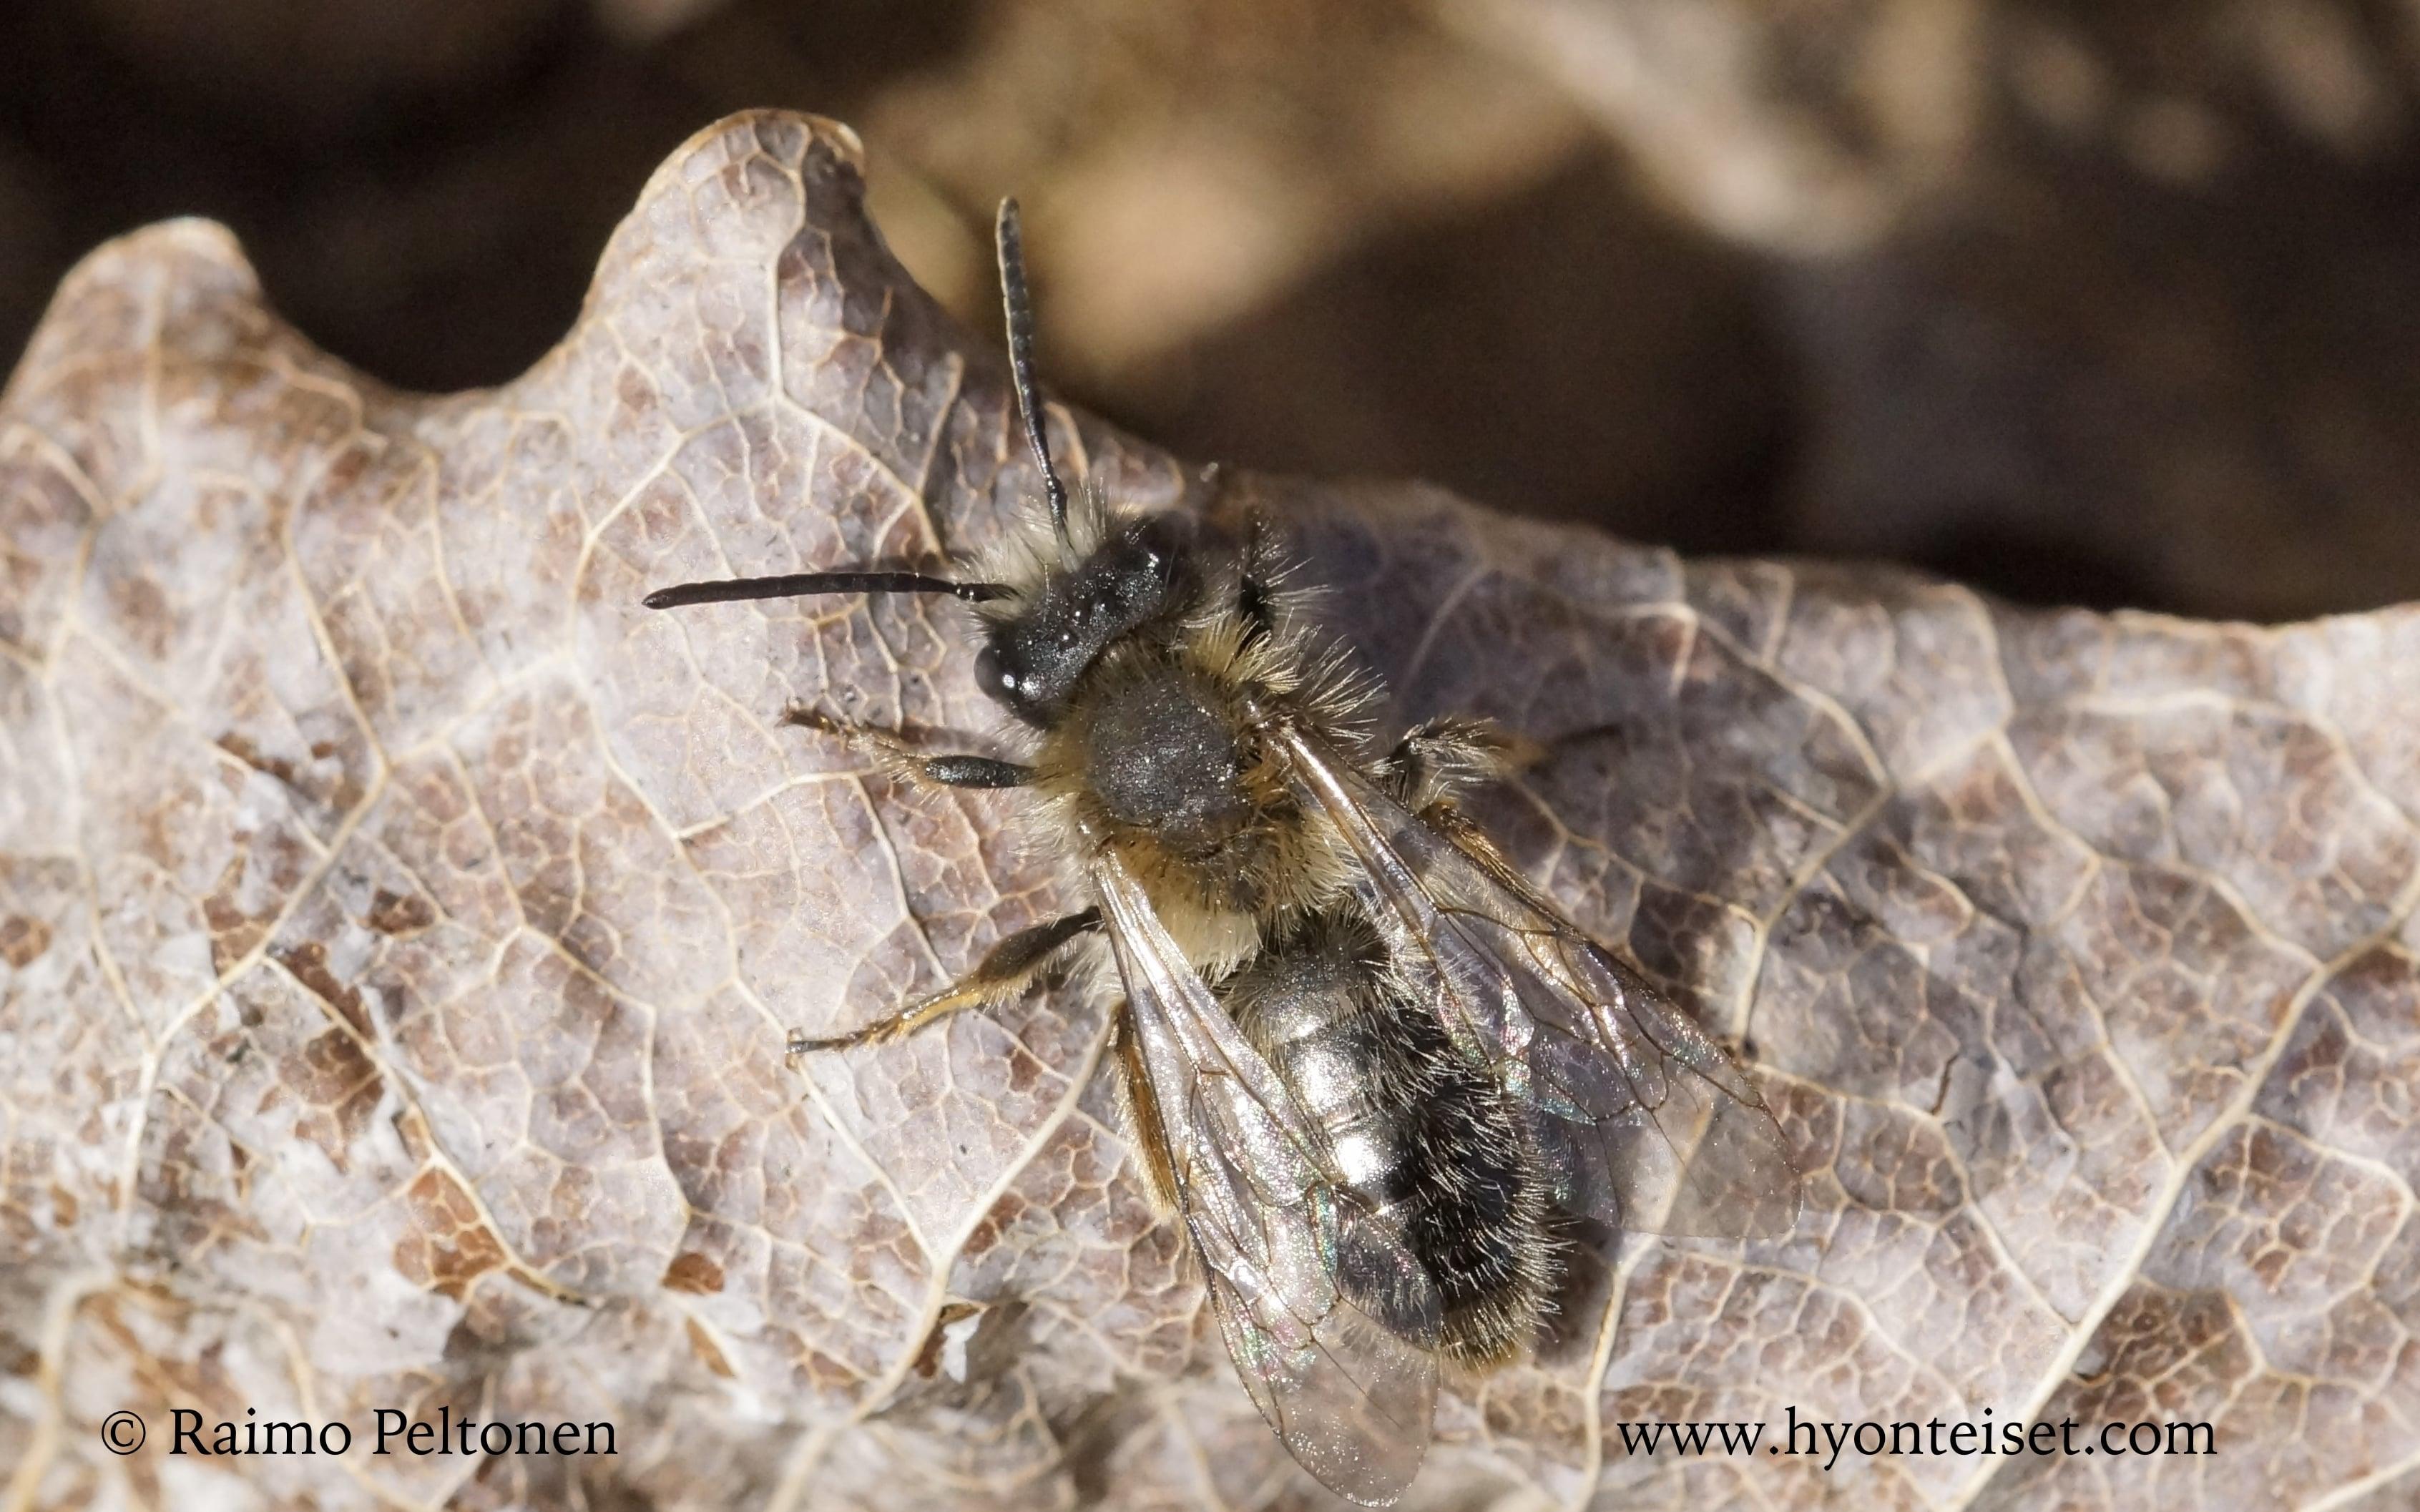 Andrena clarkella-raitamaamehiläinen (det. Juho Paukkunen)